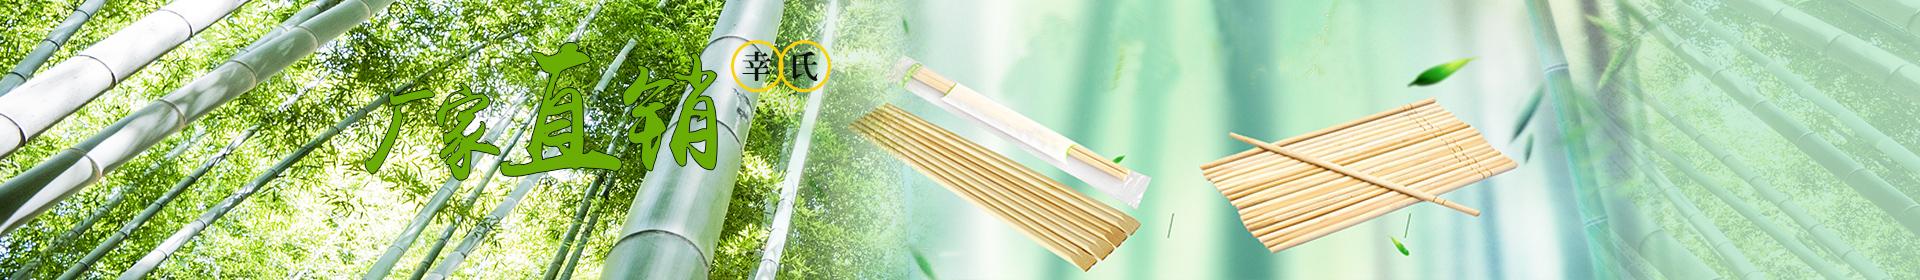 泸州筷子批发